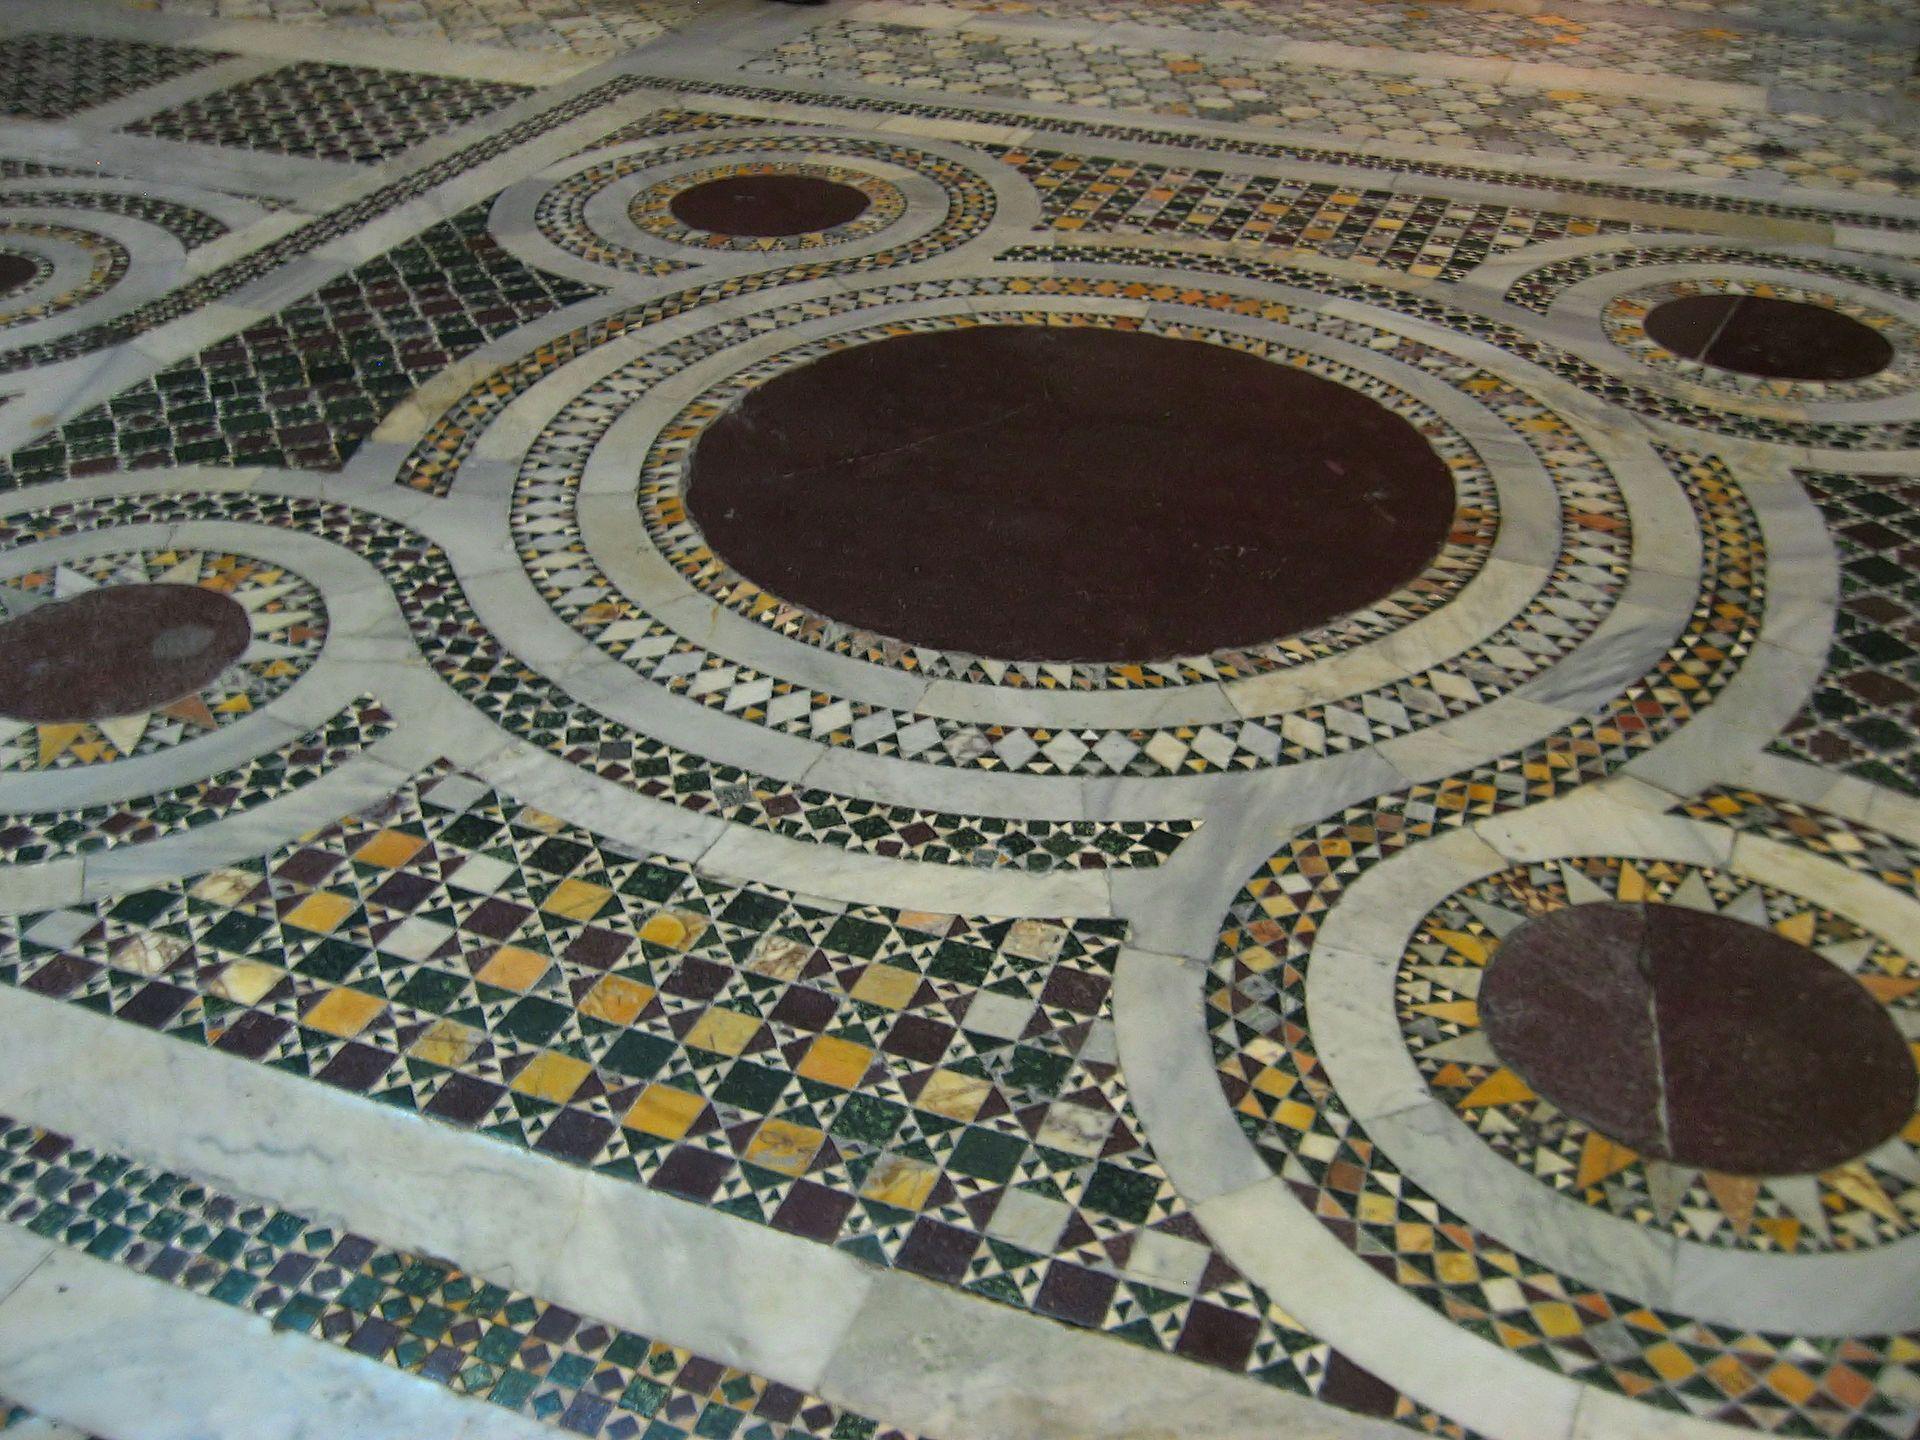 Piastrelle Marocchine Roma : Roma santa croce in gerusalemme pavimenti e qualche piede